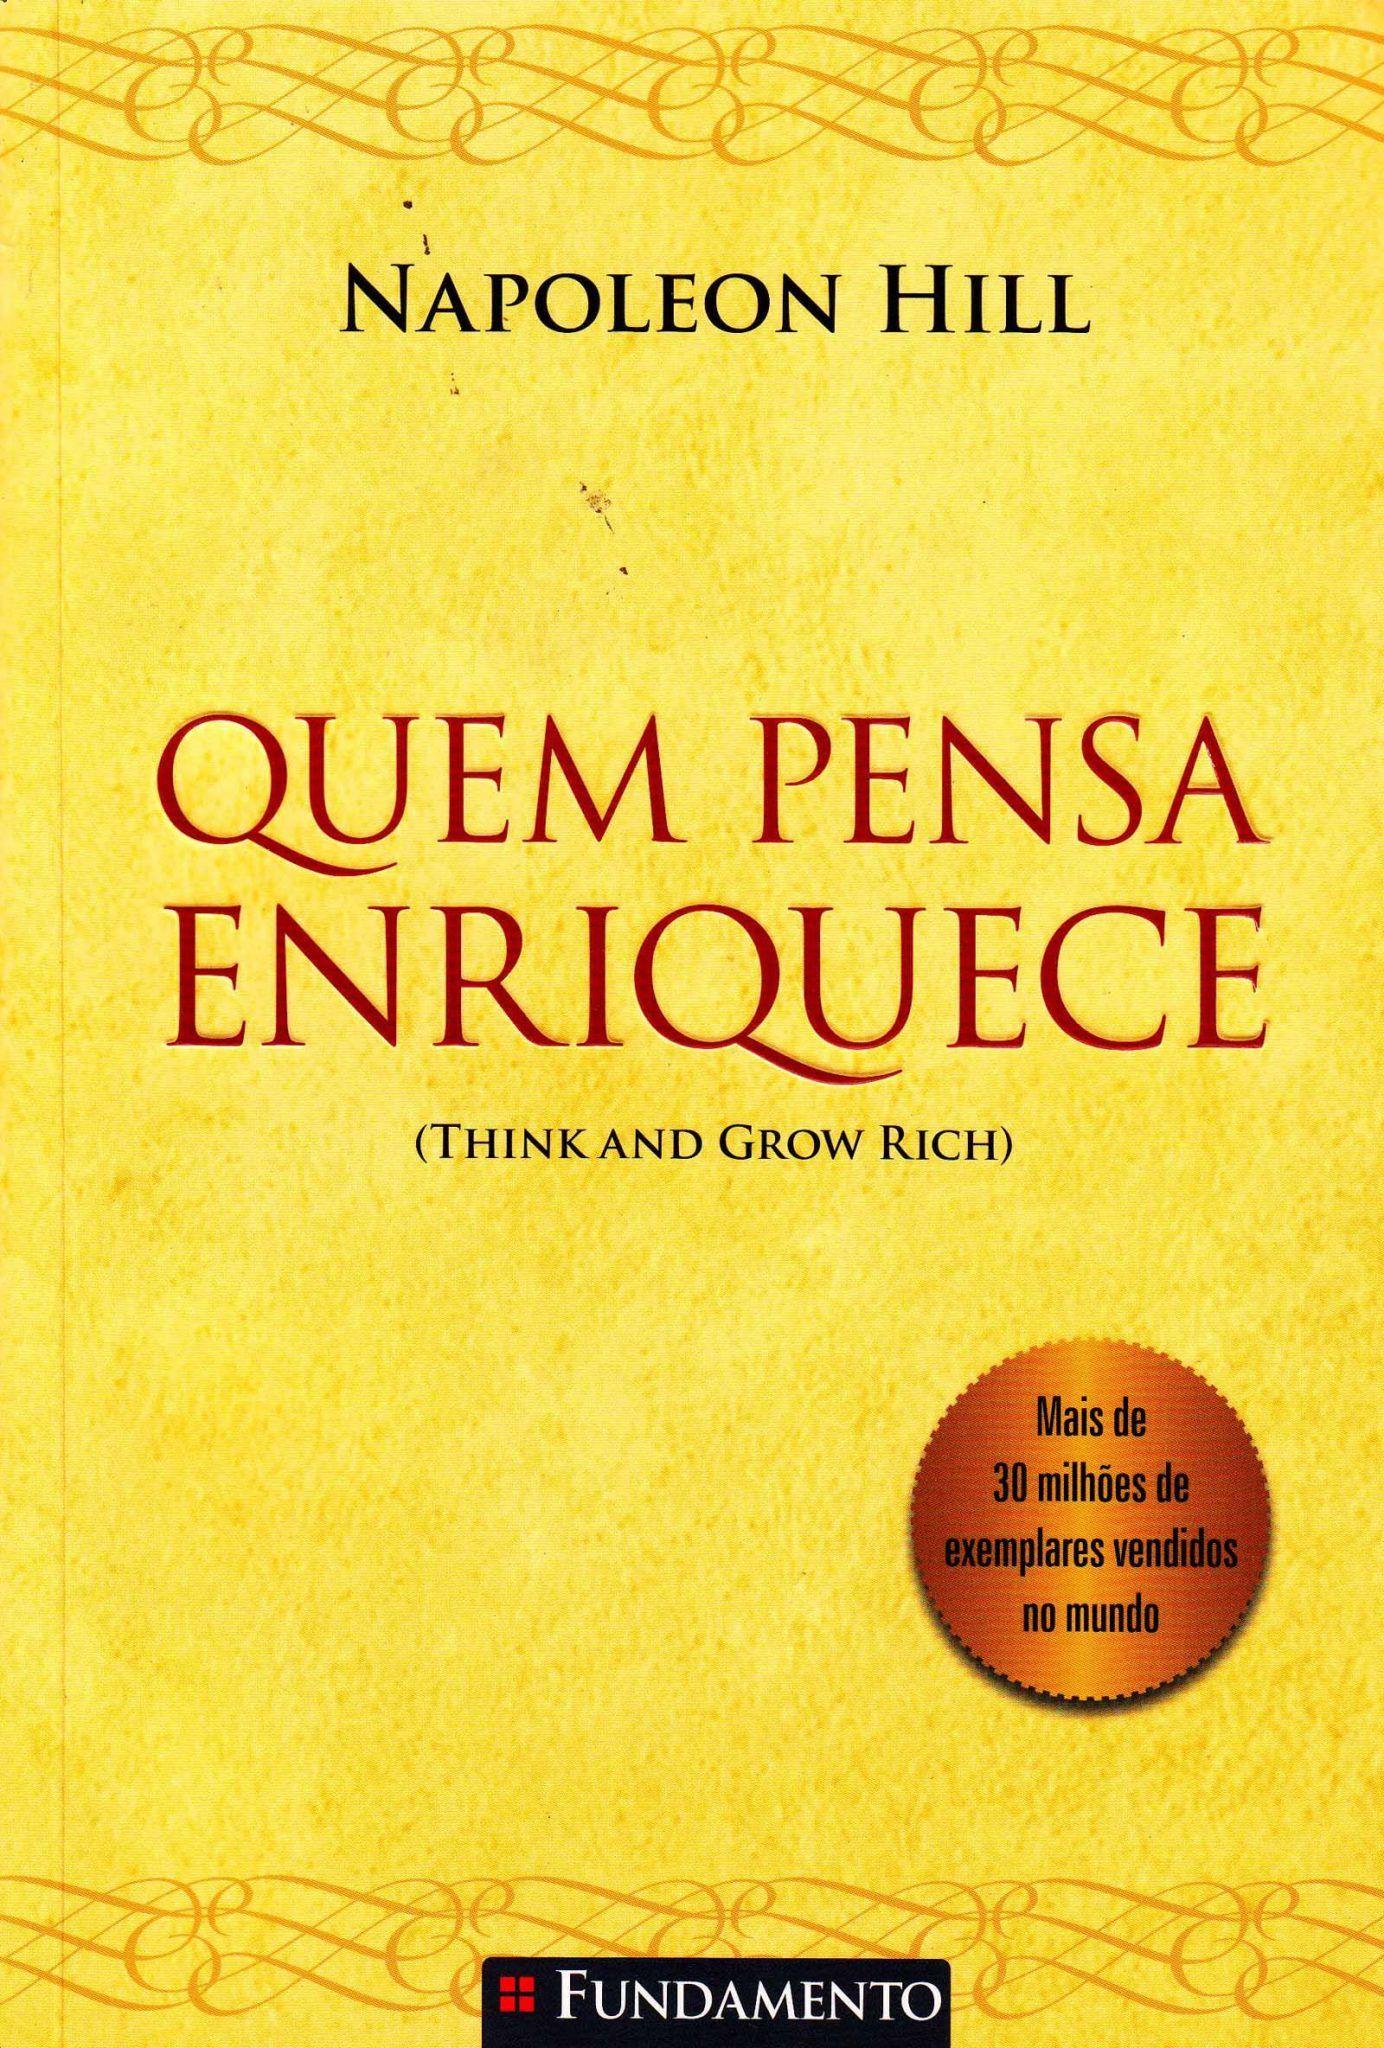 """Compre o livro """"Quem Pensa, Enriquece"""" na Amazon"""